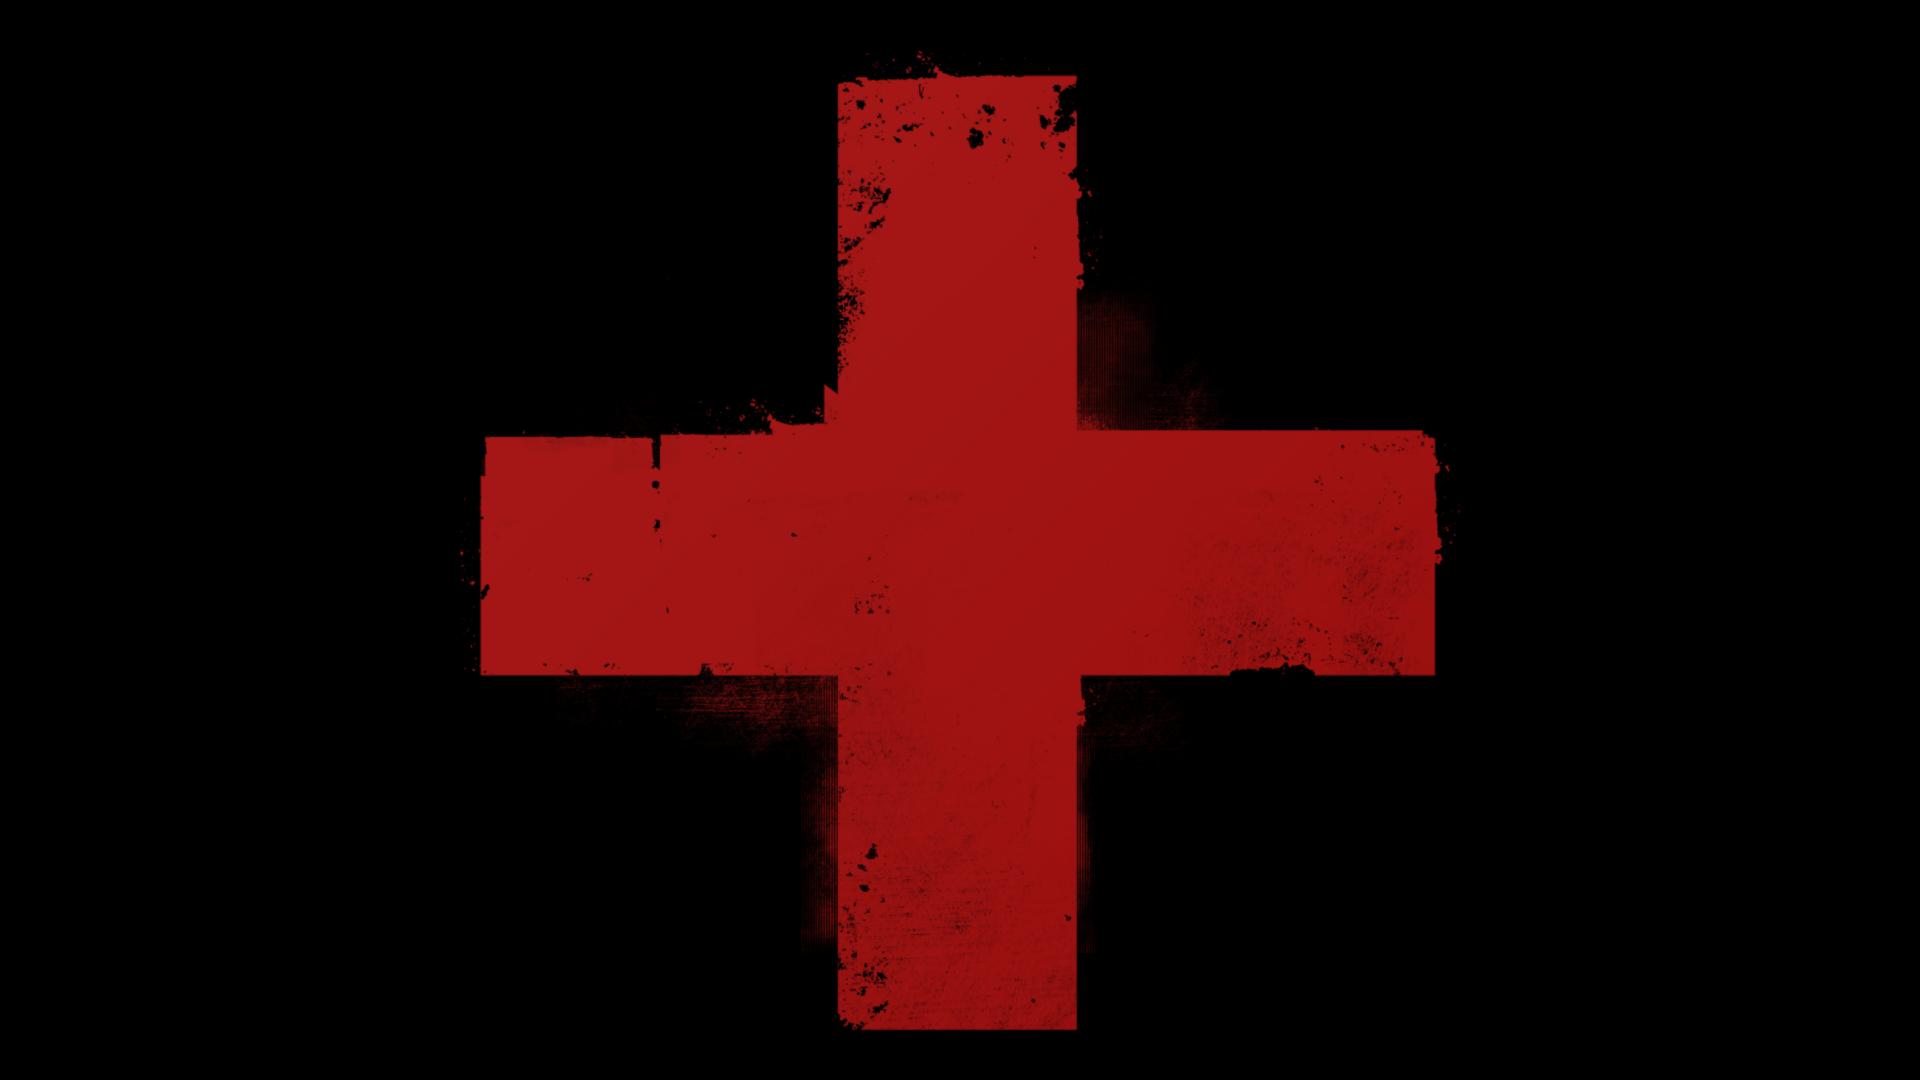 давайте картинки с красным крестом пахнет дыней, вкус